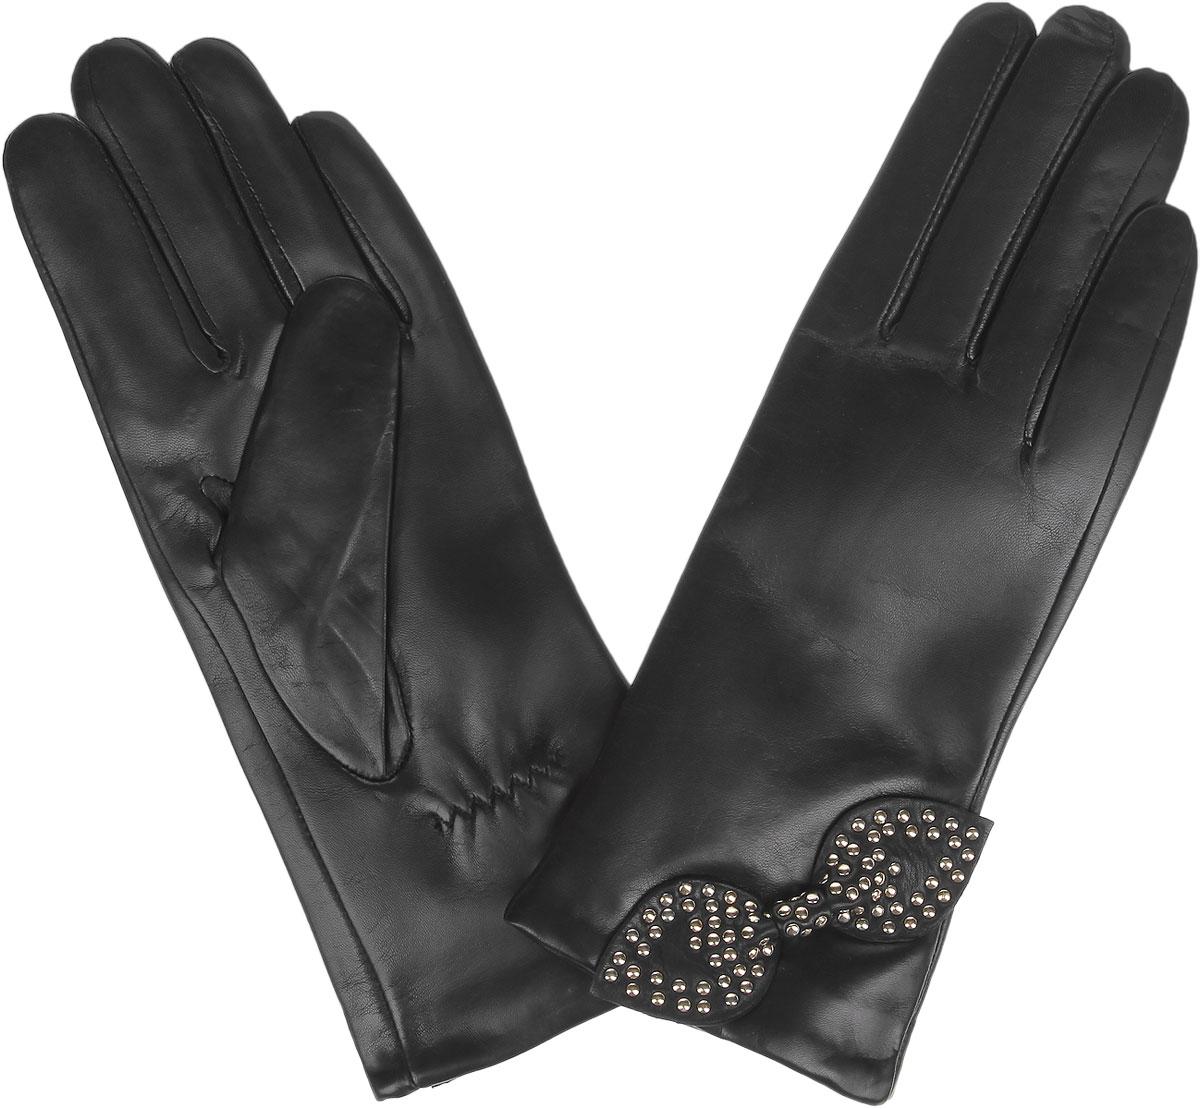 9.79-1_blackЖенские перчатки Fabretti не только защитят ваши руки от холода, но и станут стильным украшением вашего образа. Перчатки изготовлены из натуральной кожи с подкладкой из шерсти с добавлением кашемира. Лицевая сторона модели декорирована бантом с металлическими клепками. Запястье оснащено небольшой резинкой, фиксирующей модель на руке. Перчатки Fabretti станут завершающим и подчеркивающим элементом вашего стиля.